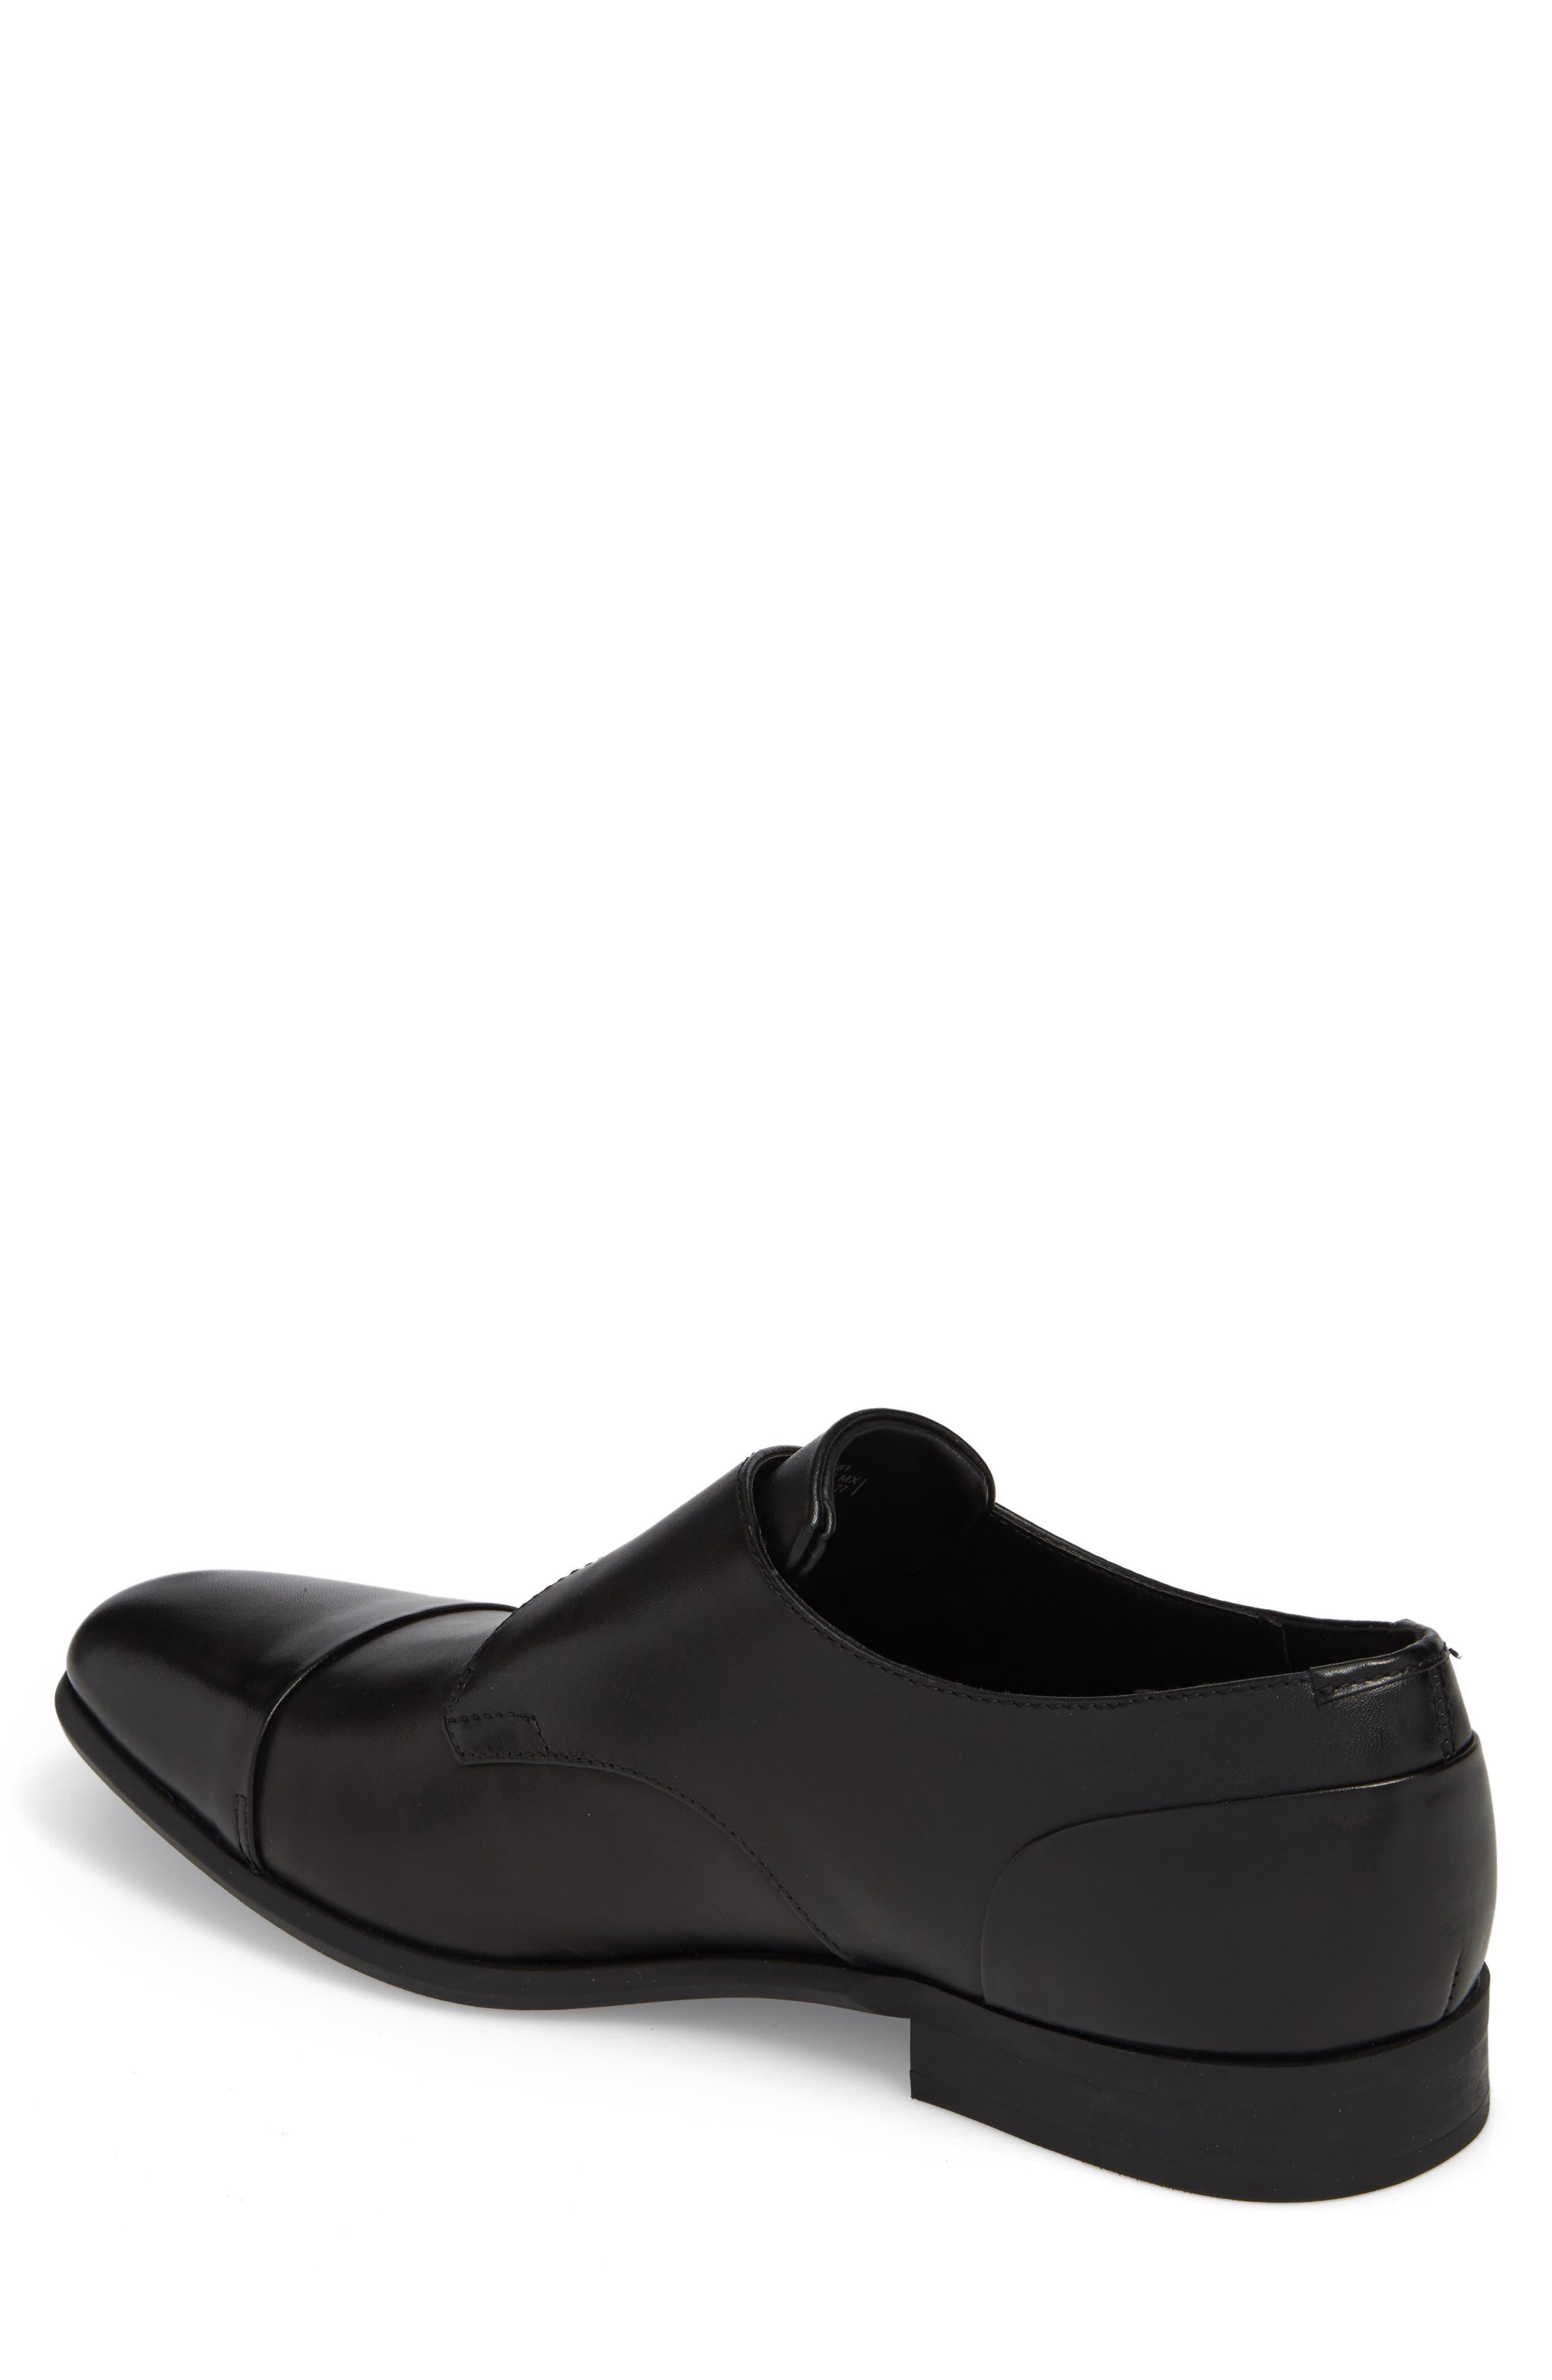 Lucus Monk Strap Shoe,                             Alternate thumbnail 2, color,                             BLACK LEATHER